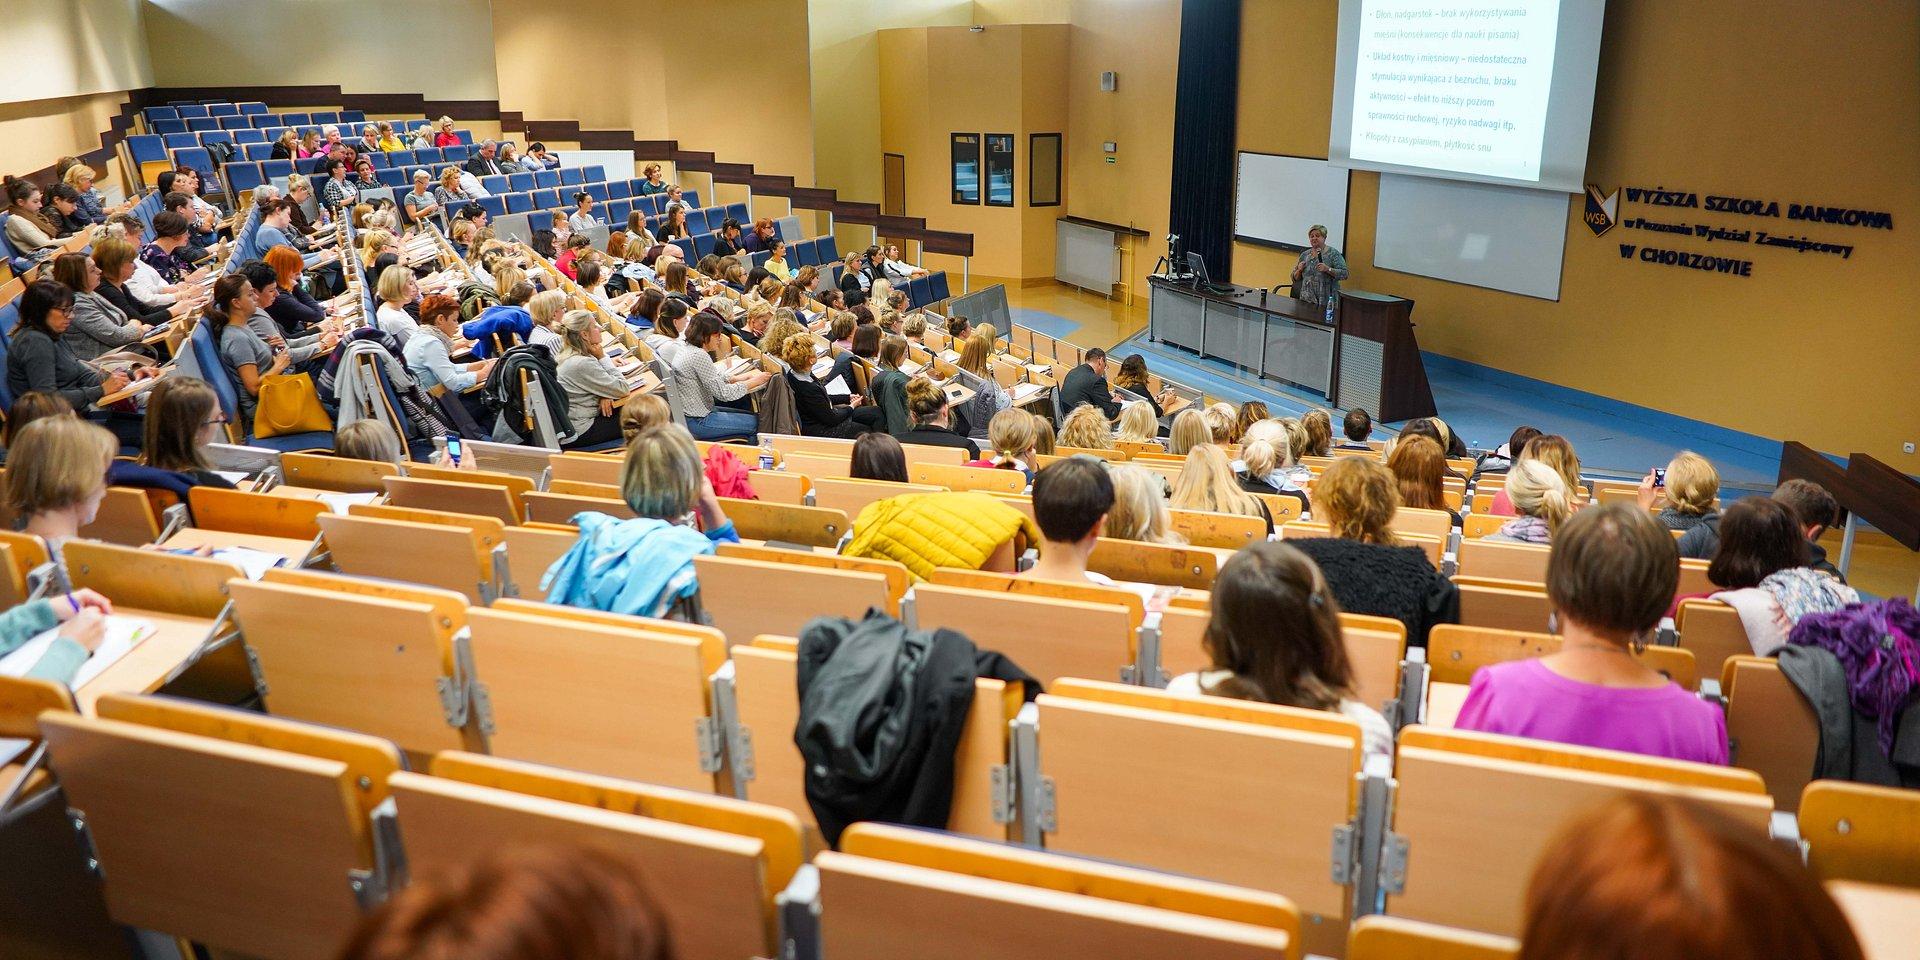 Nuda nie taka zła! Dr Piotrowska z wykładem w Bankowej